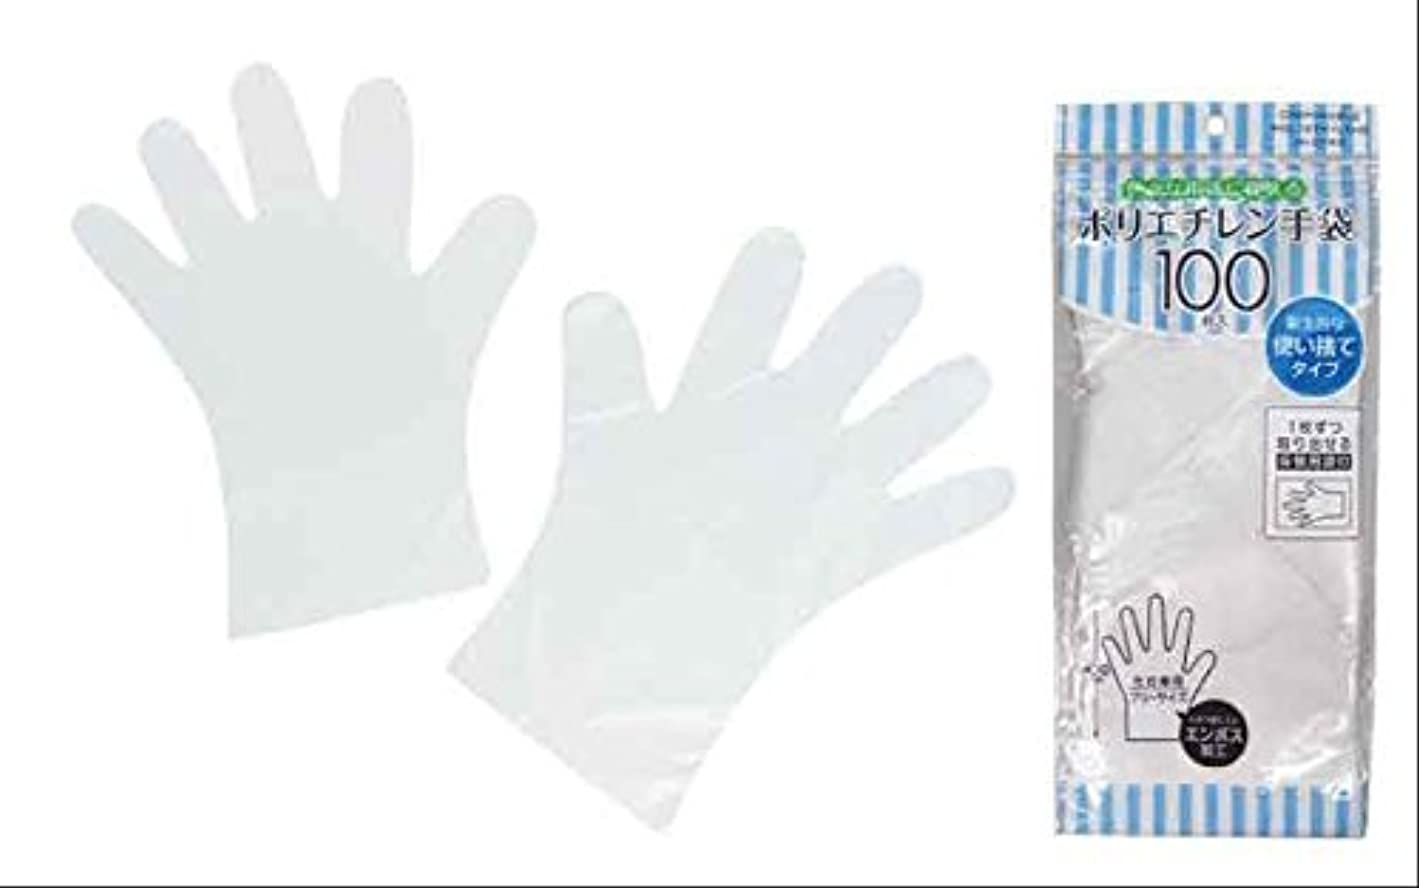 使い捨て手袋 100P ポリエチレン手袋【介護用品】【衛生用品】7262